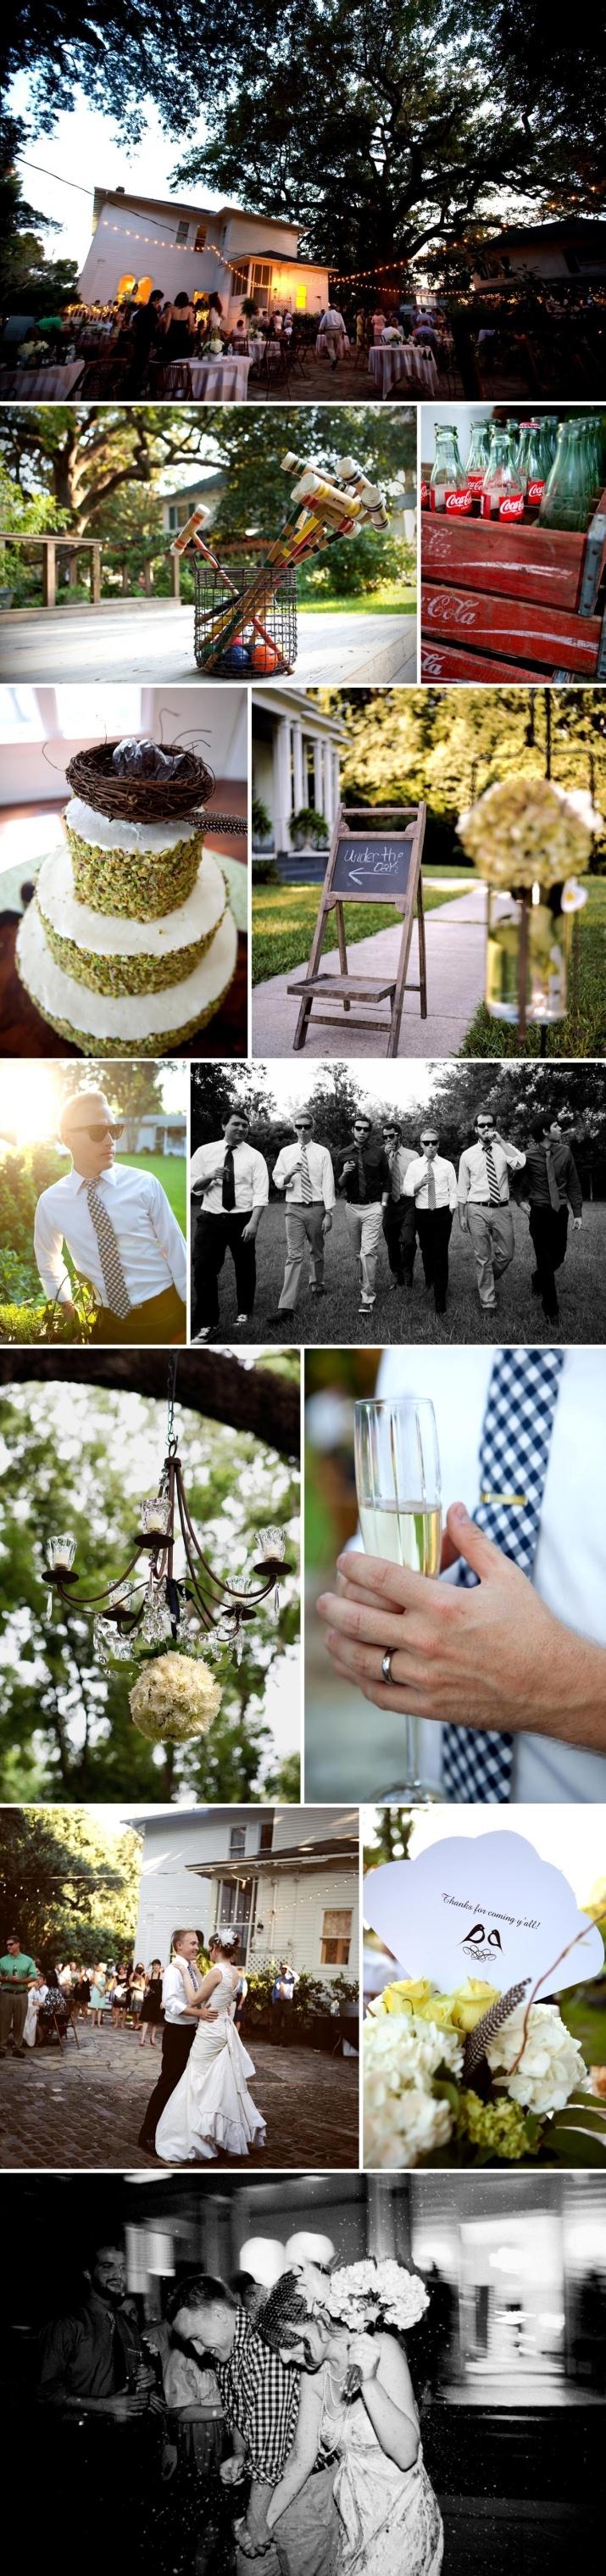 backyard casual wedding weddings pinterest